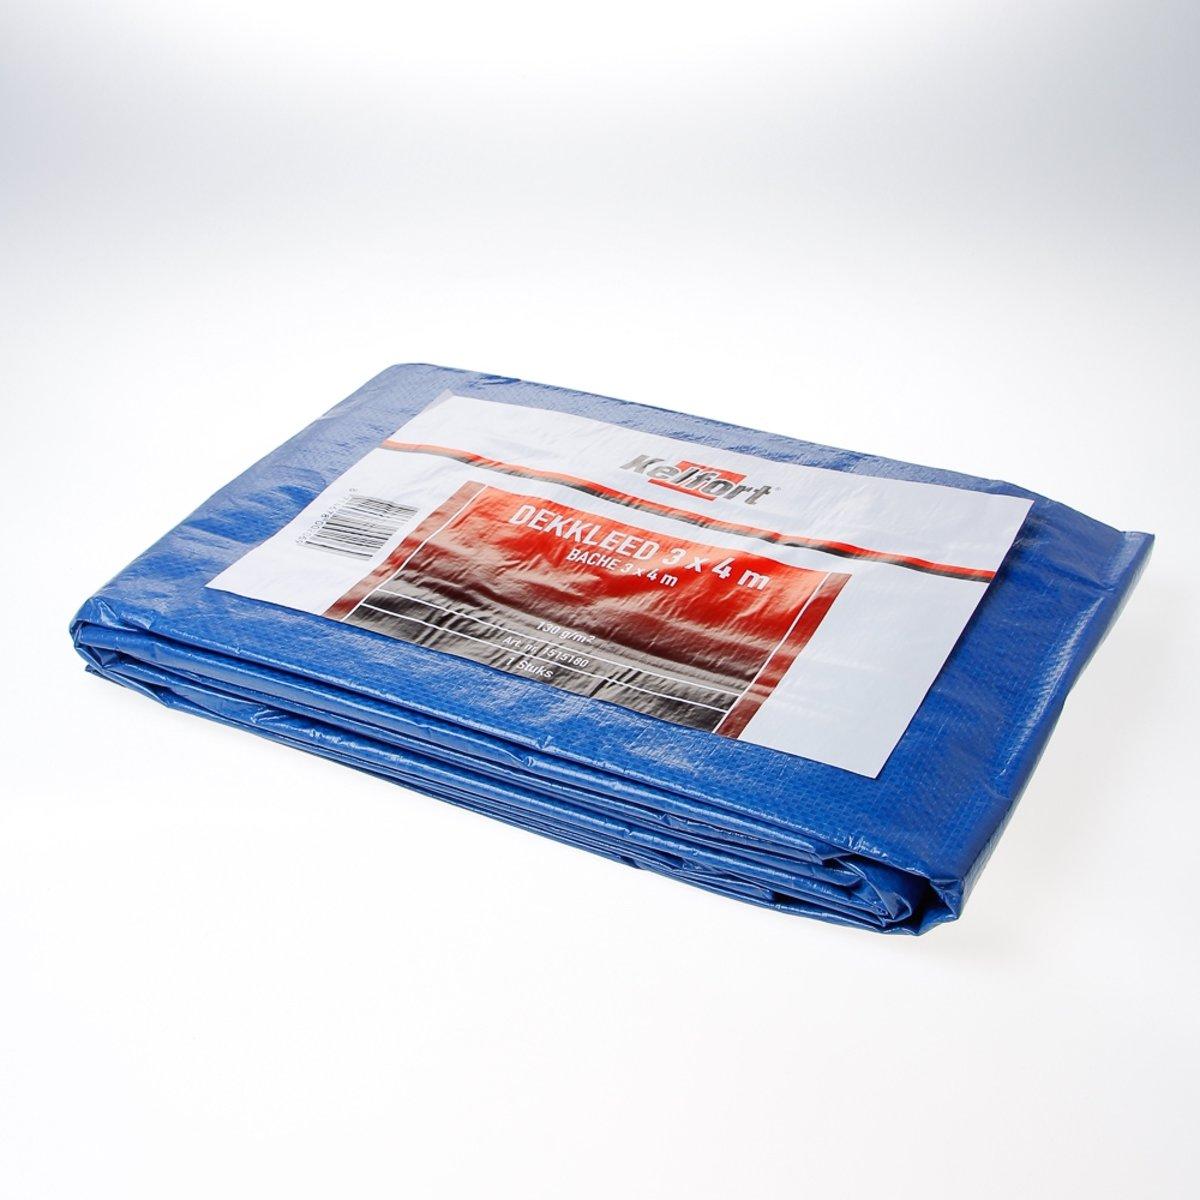 Kelfort dekkleed - +/- 3x4 mtr - zware kwaliteit - blauw